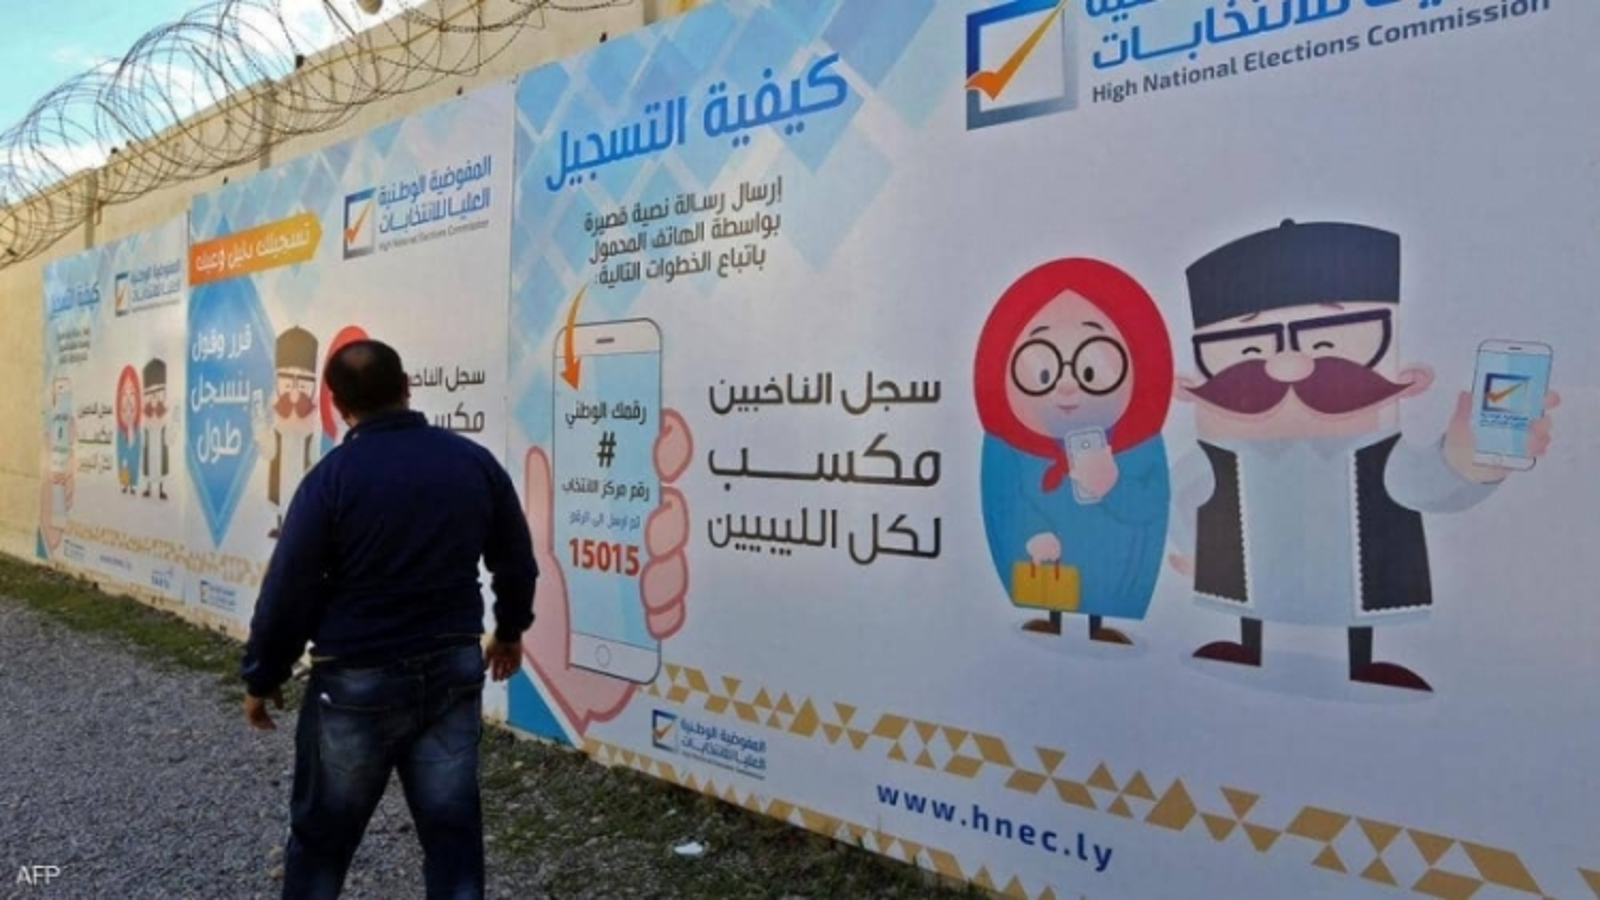 Hội đồng Tổng thống Libya tìm kiếm sự đồng thuận về luật bầu cử